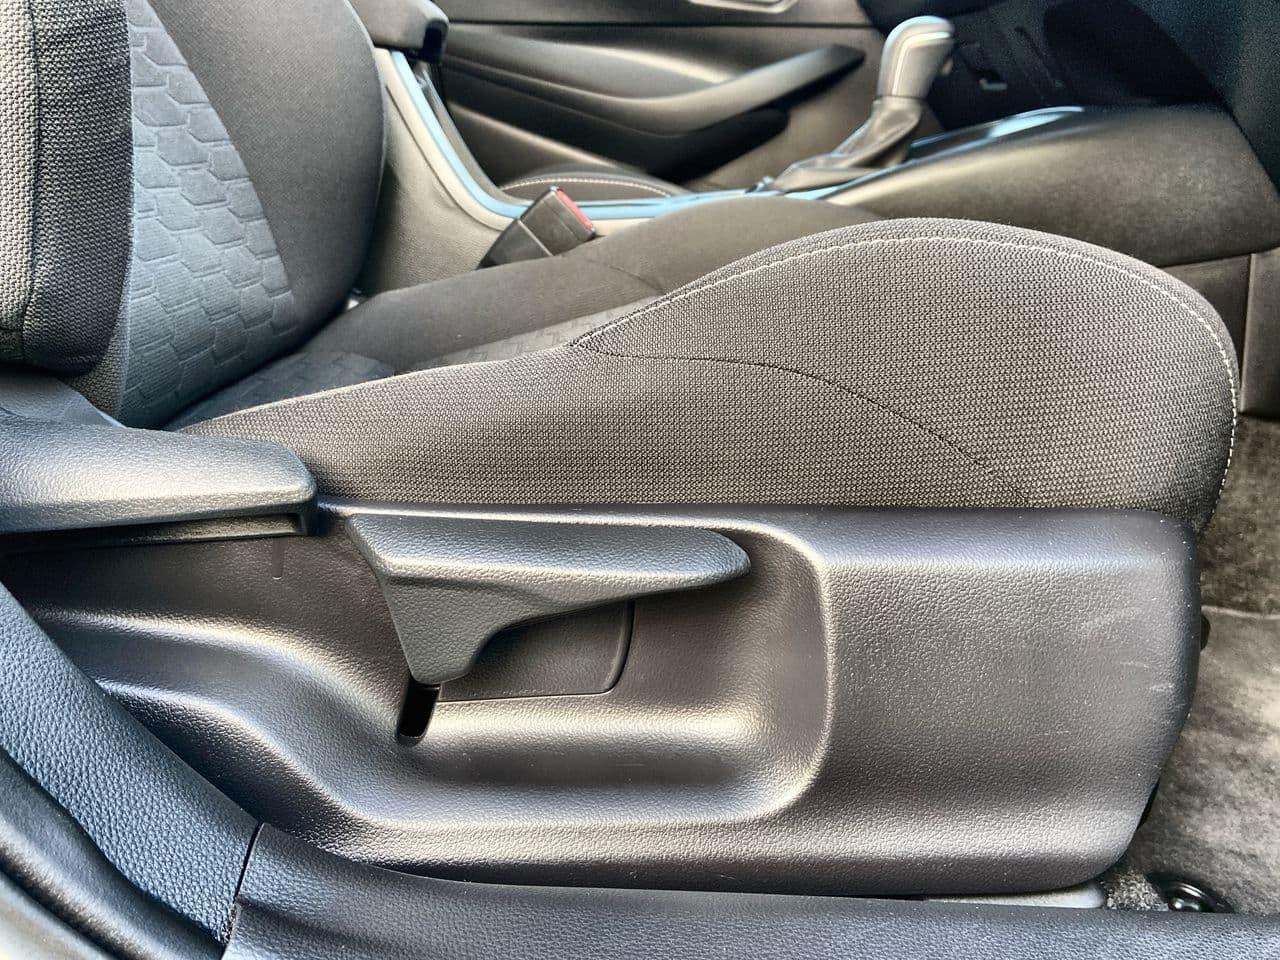 2018 Toyota Corolla SX Auto - image 16